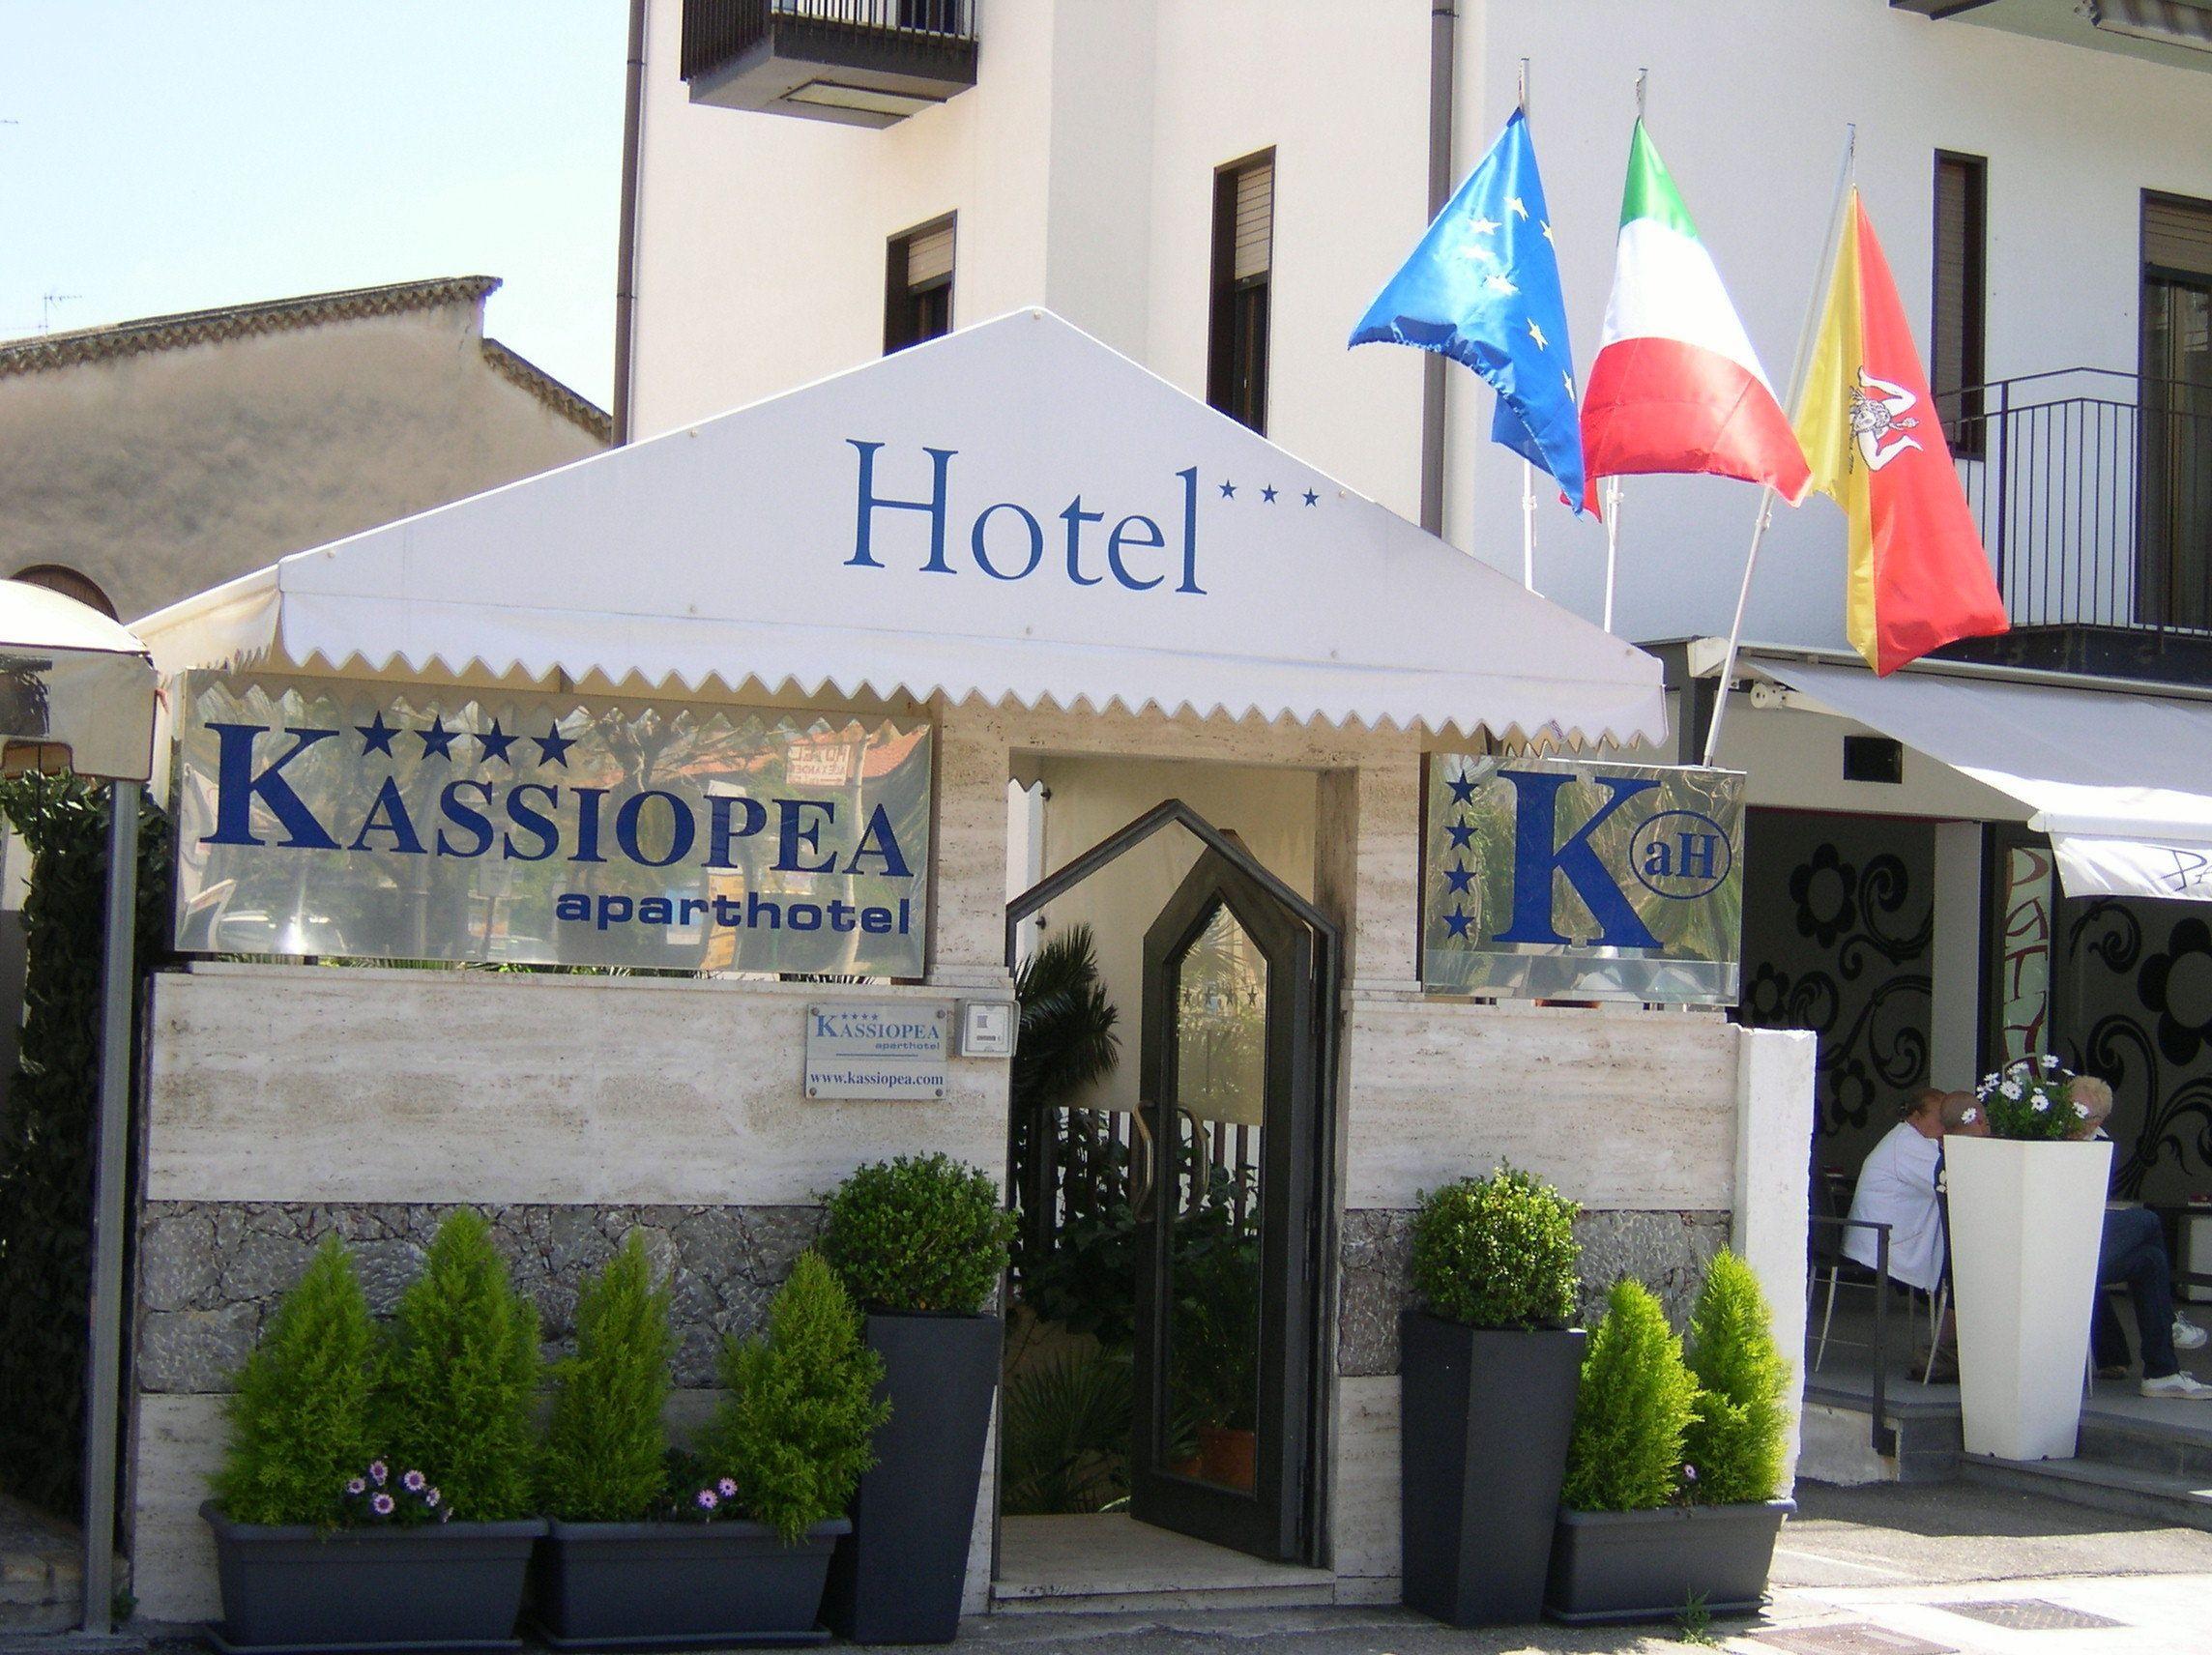 Kassiopea